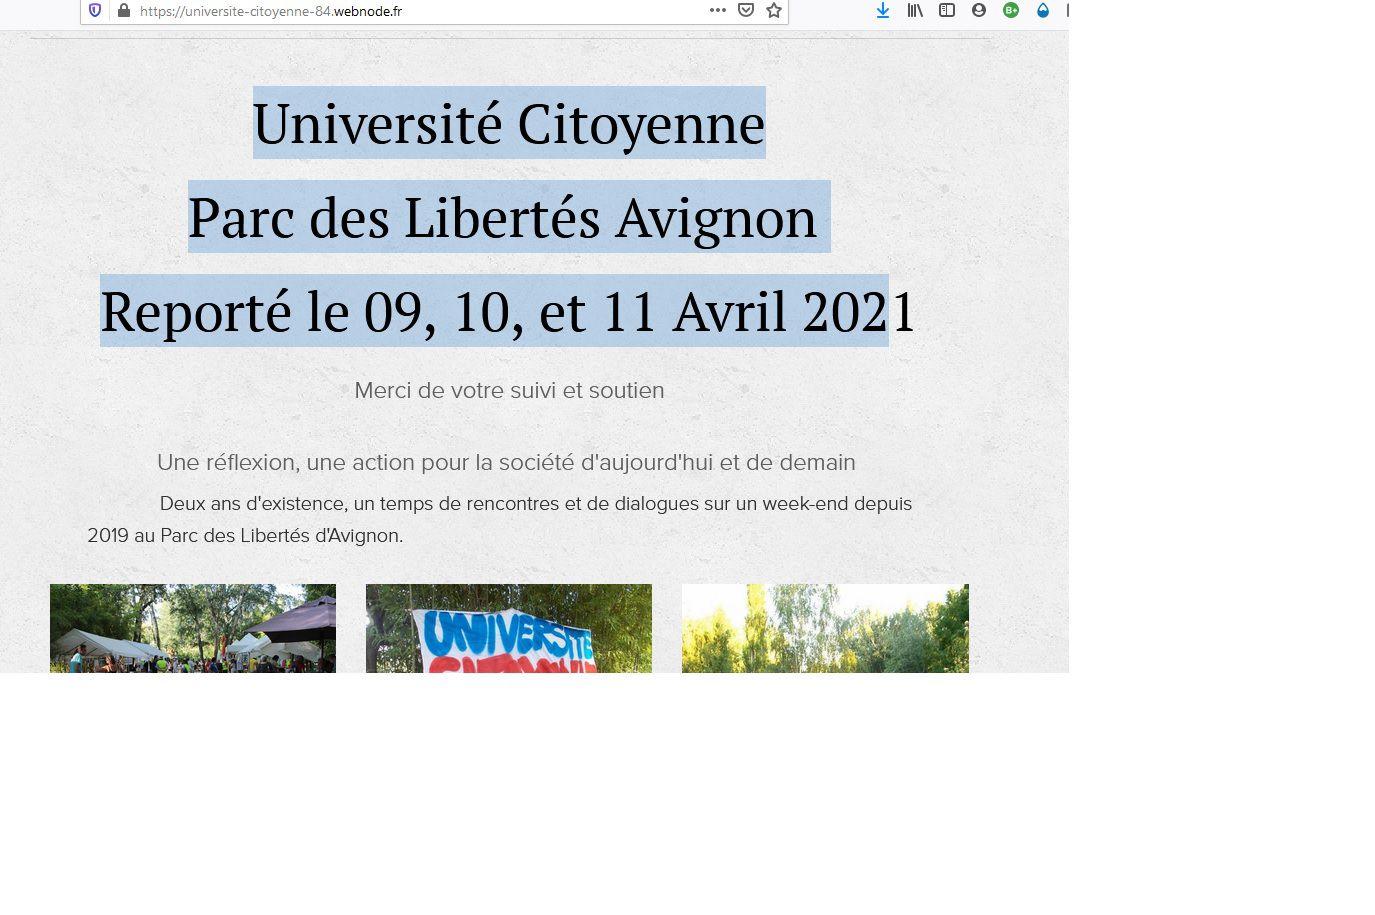 Université citoyenne du 24/25 octobre 2020 reportée en avril 2021